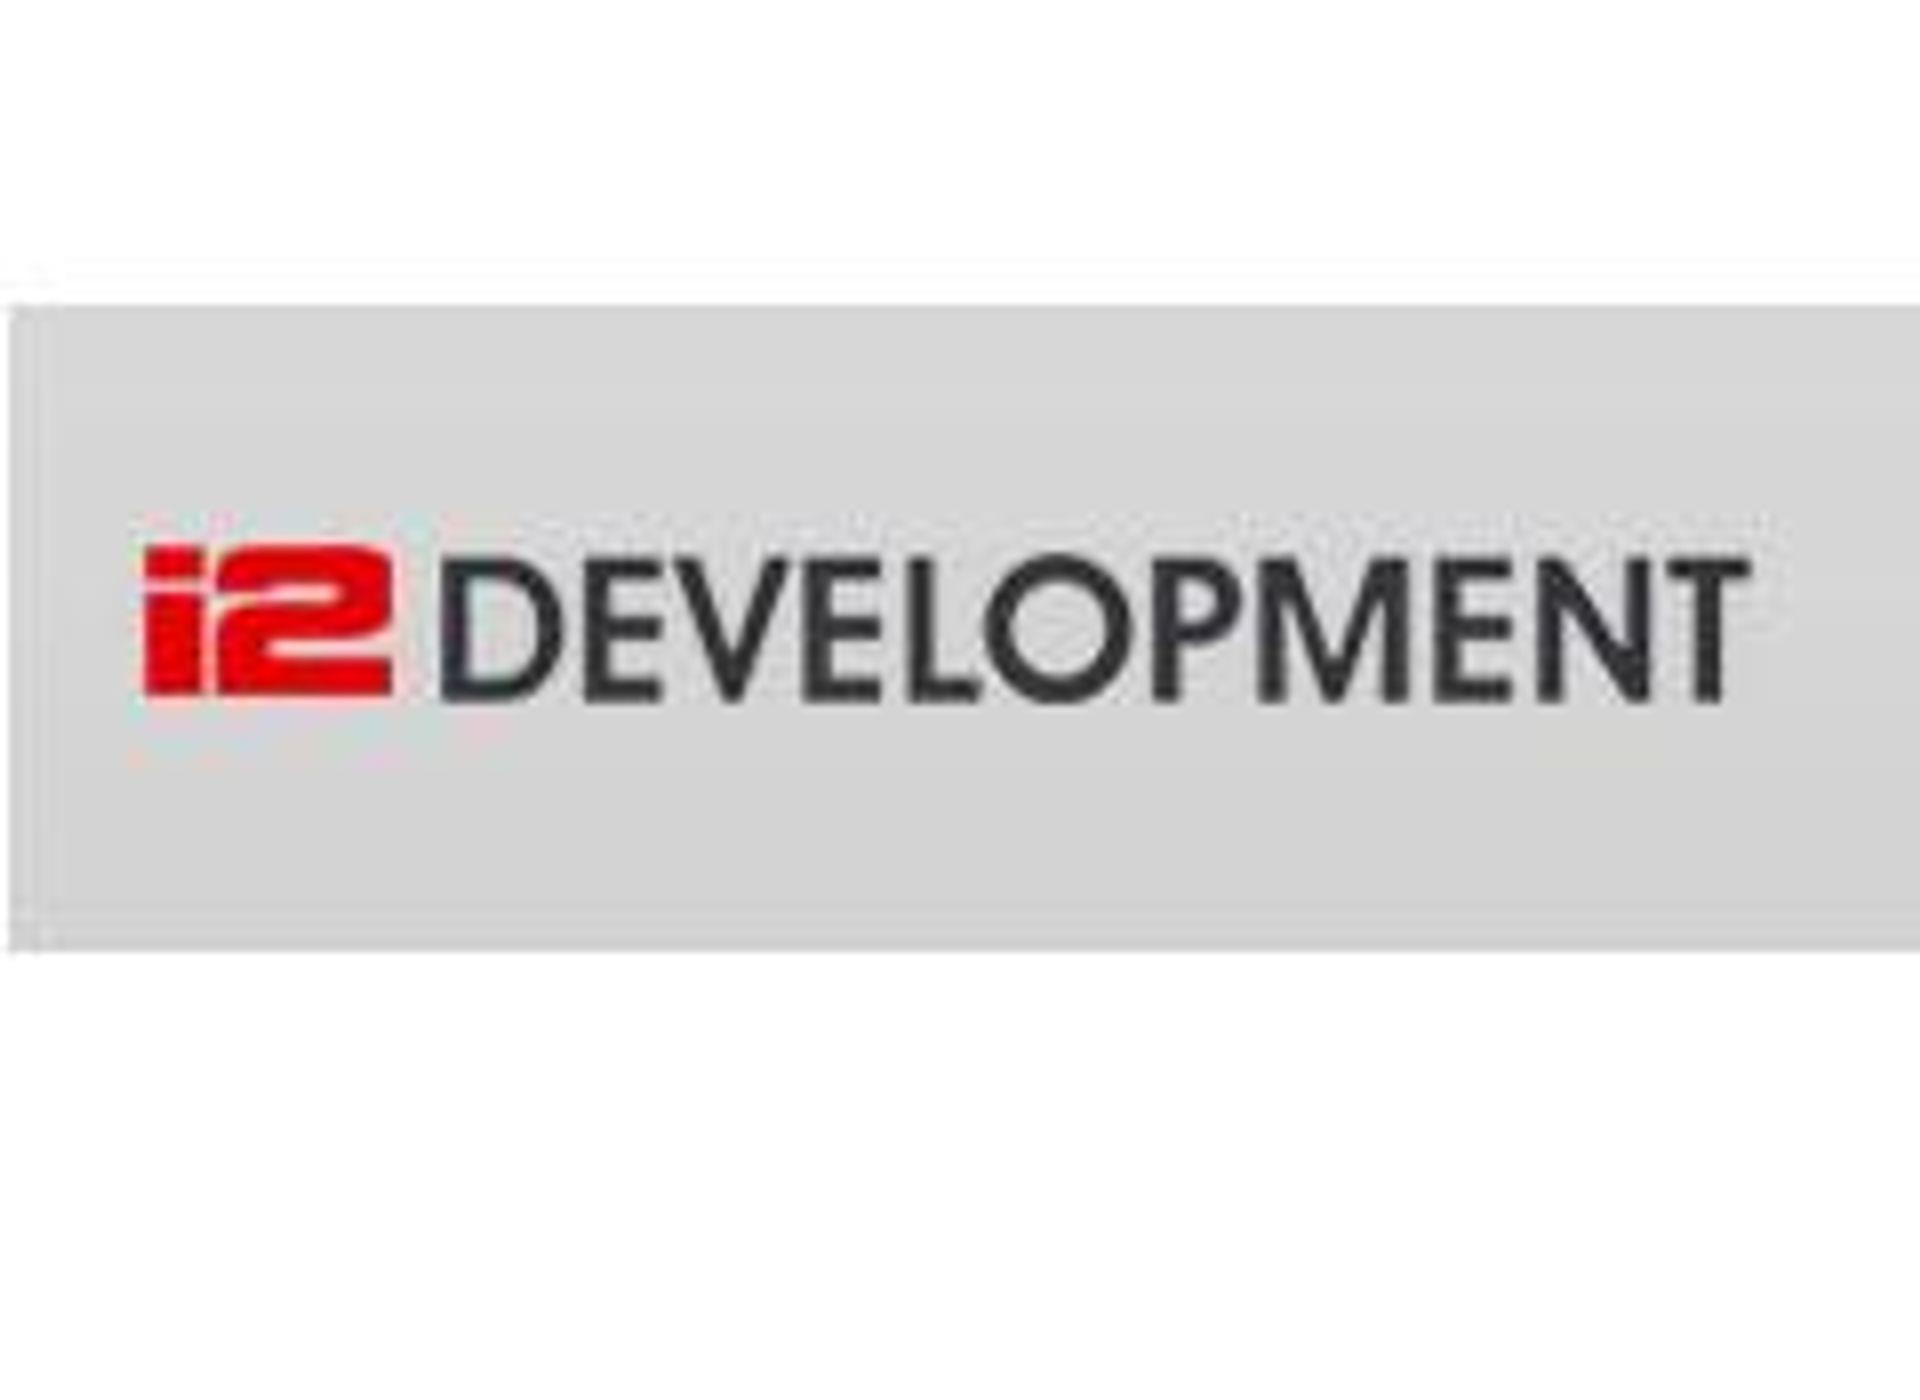 [Warszawa] Akcje wrocławskiego dewelopera w centrum uwagi inwestorów – udany debiut I2 Development na GPW